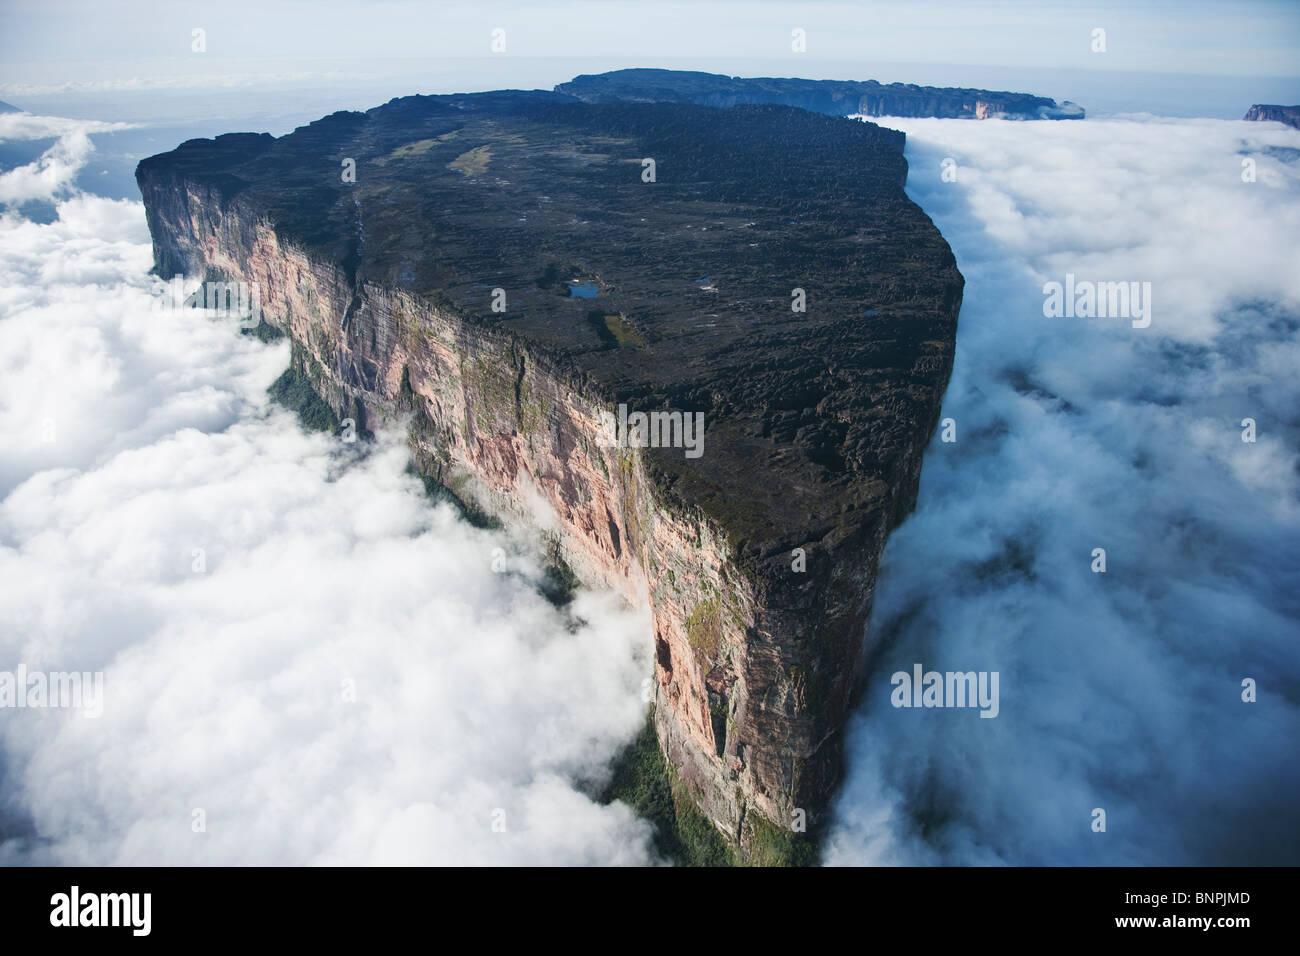 Mount Roraima Ist Die Hochste Tepui 2810 Metern Hohenunterschied